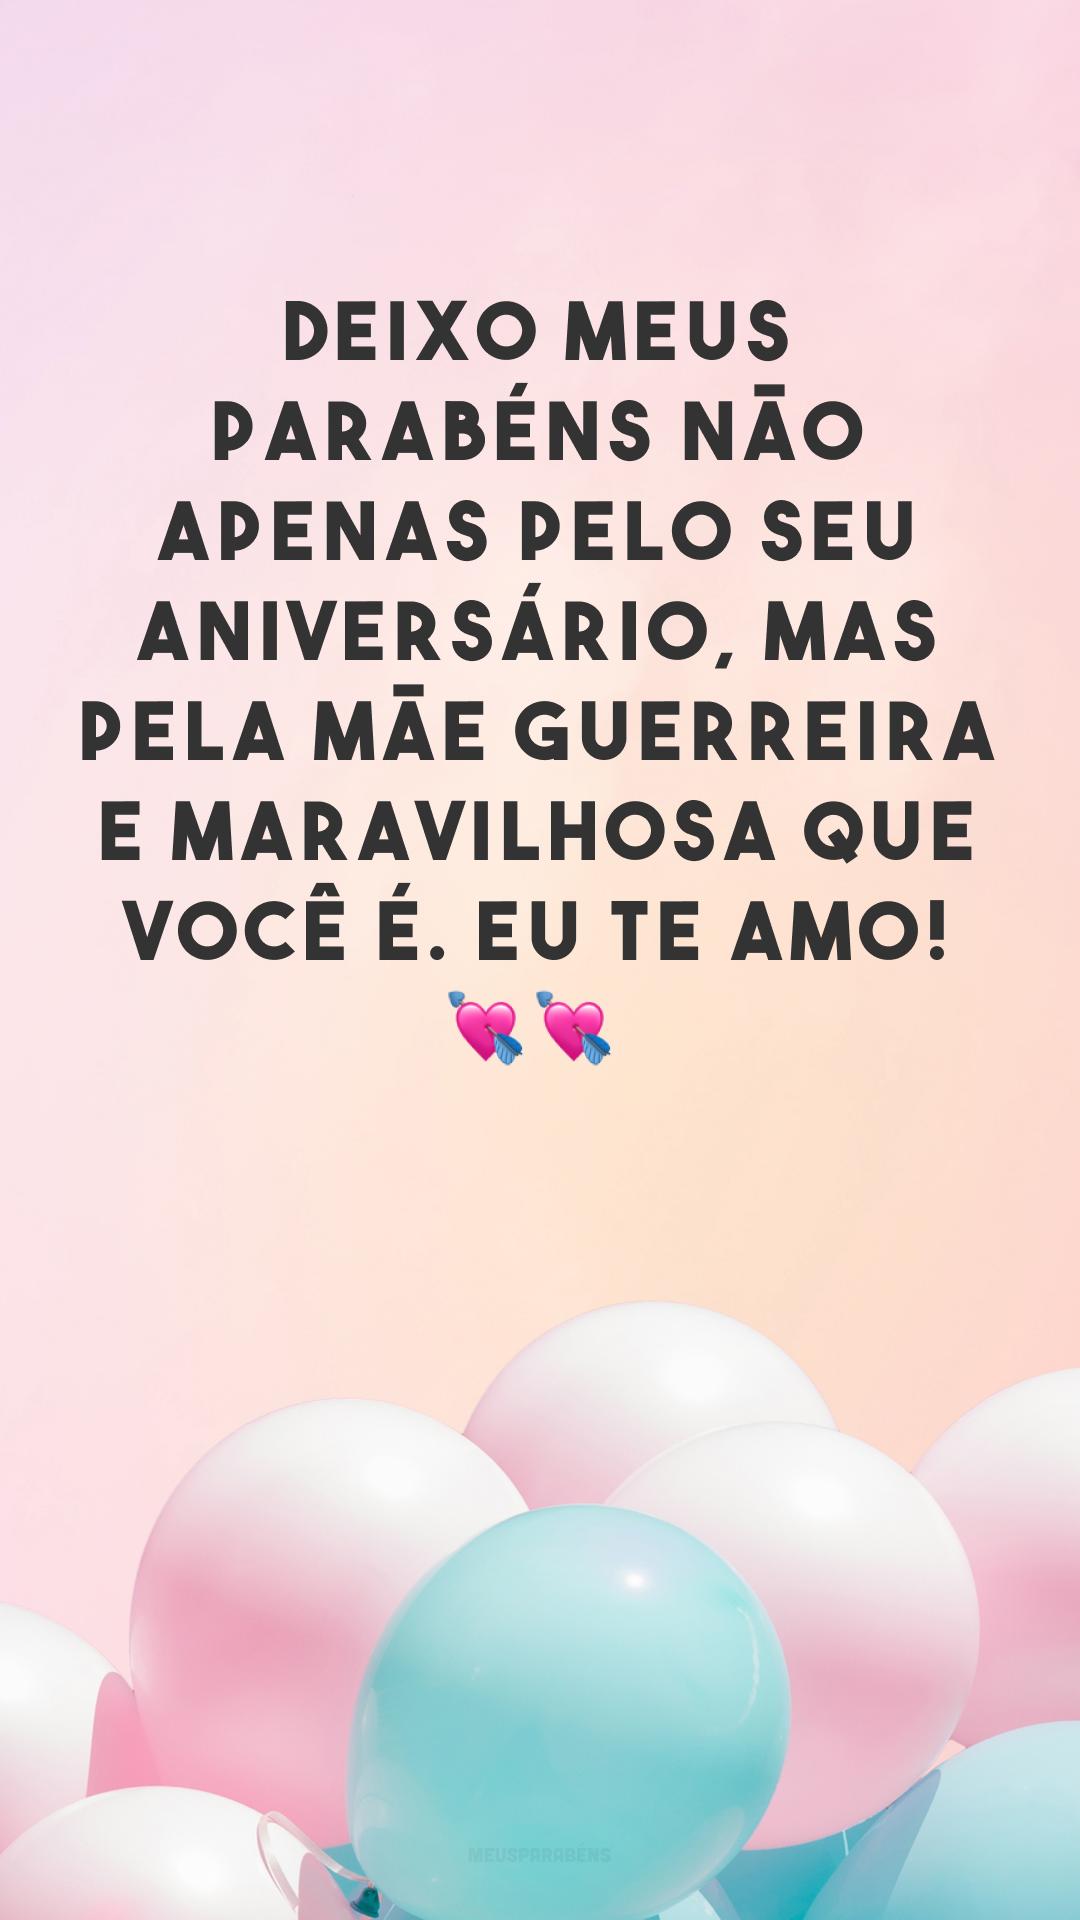 Deixo meus parabéns não apenas pelo seu aniversário, mas pela mãe guerreira e maravilhosa que você é. Eu te amo! ??